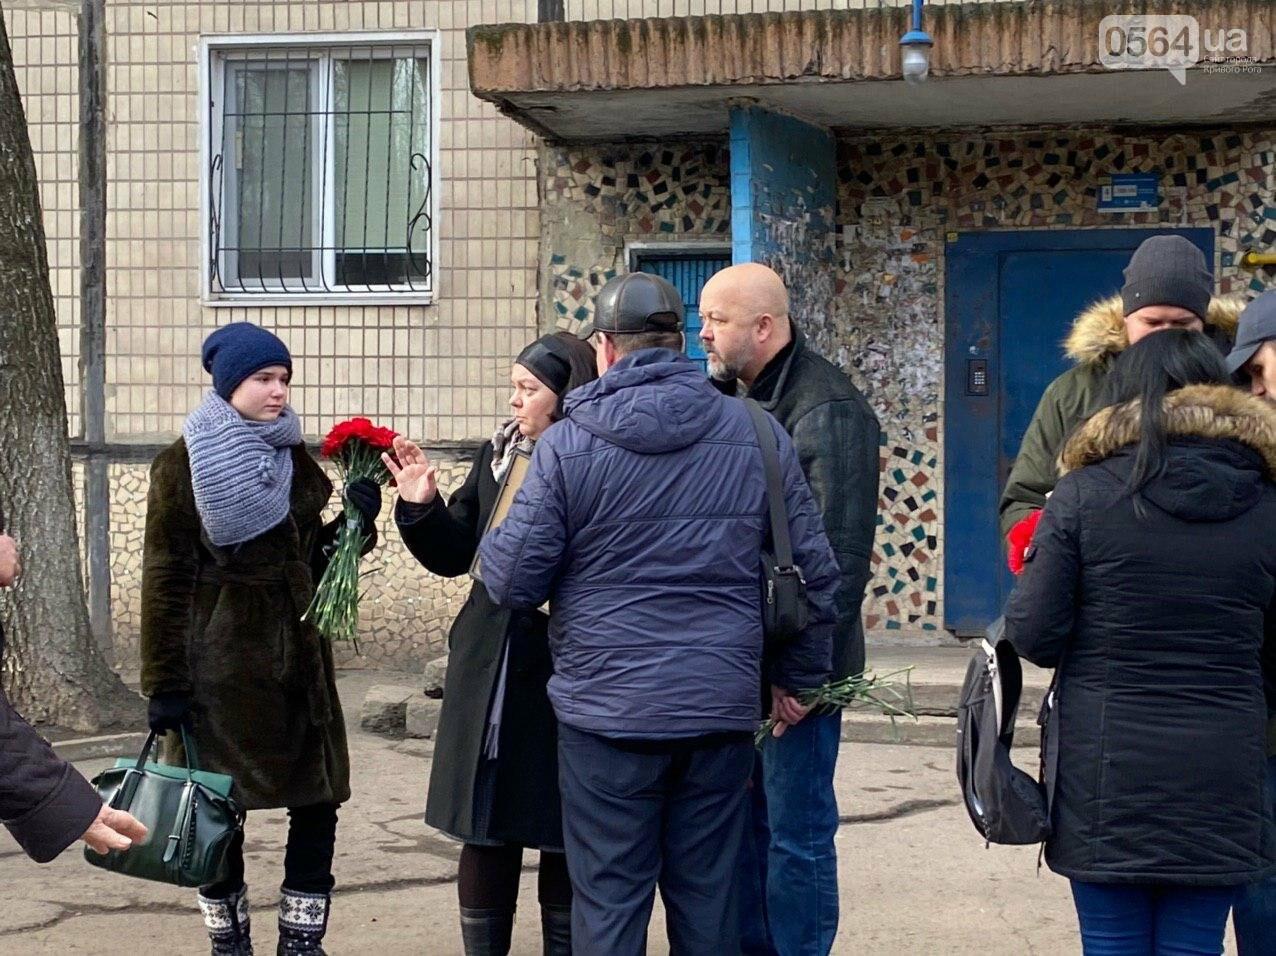 Кривой Рог прощается с патриотом - волонтером Андреем Садыло, - ФОТО, ВИДЕО, фото-16